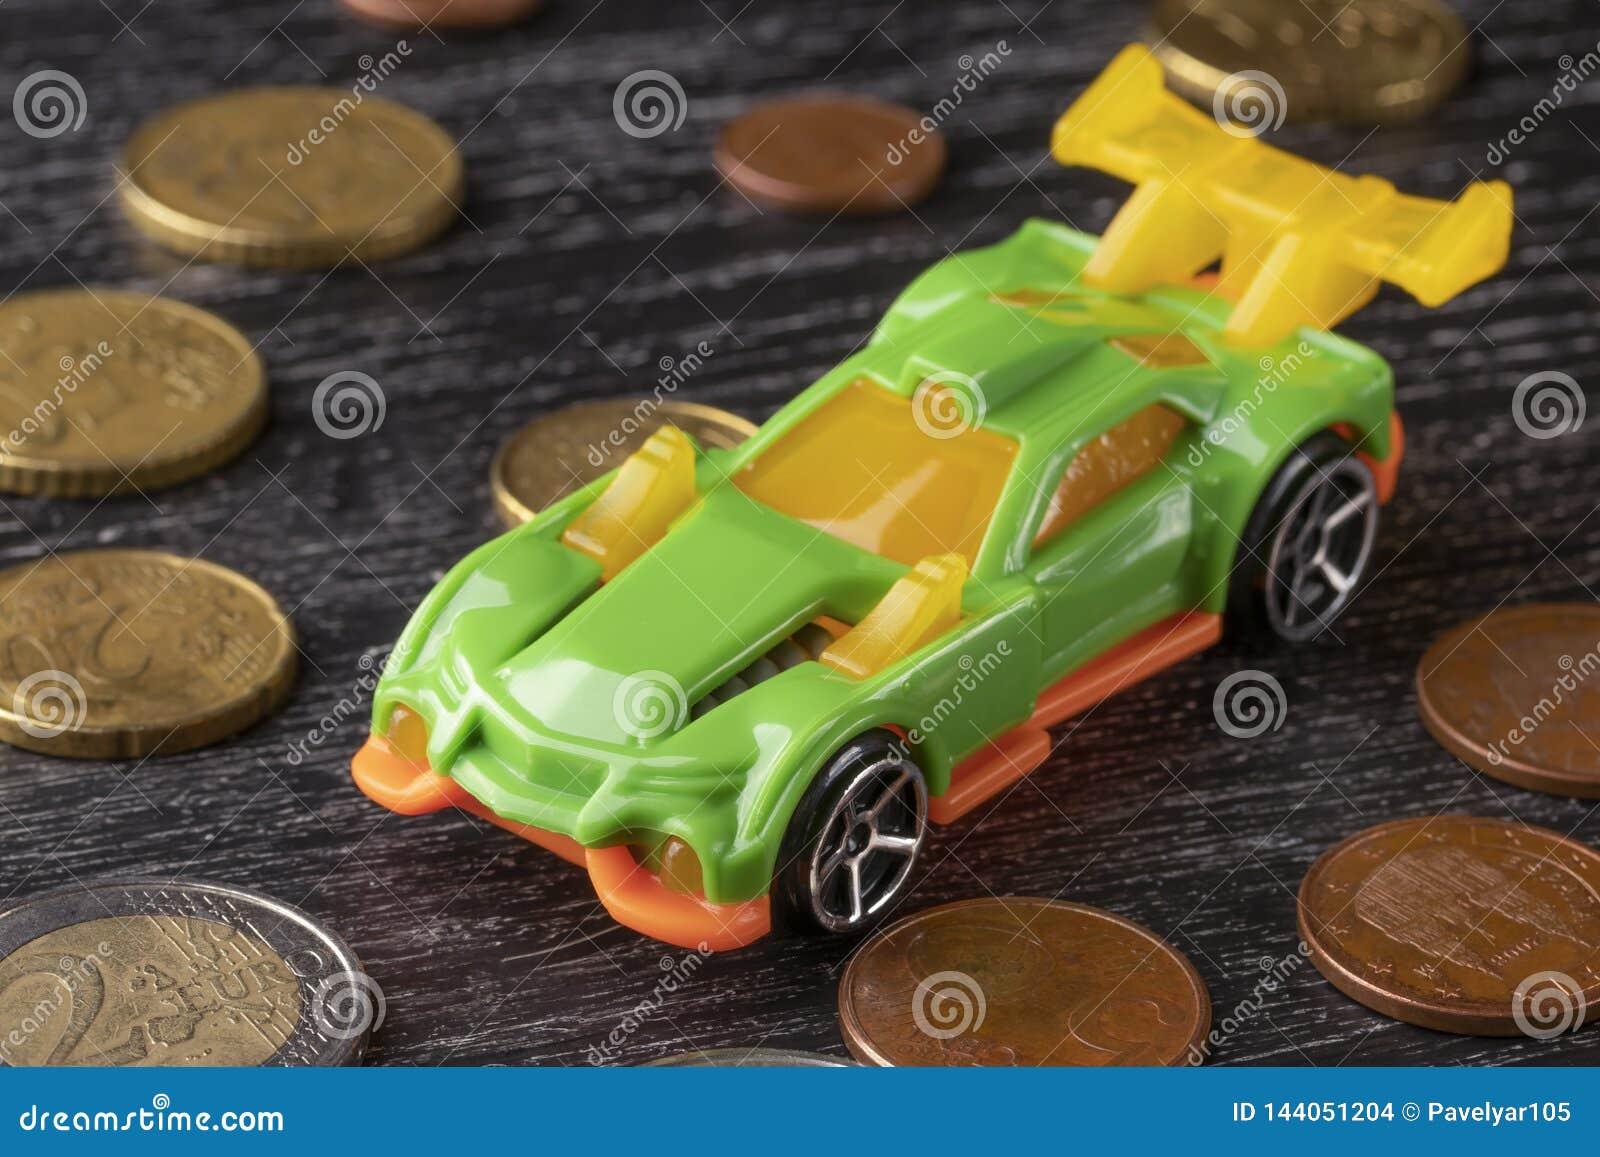 Παιχνίδι αυτοκινήτων και ευρο- νομίσματα σε ένα σκοτεινό ξύλινο υπόβαθρο